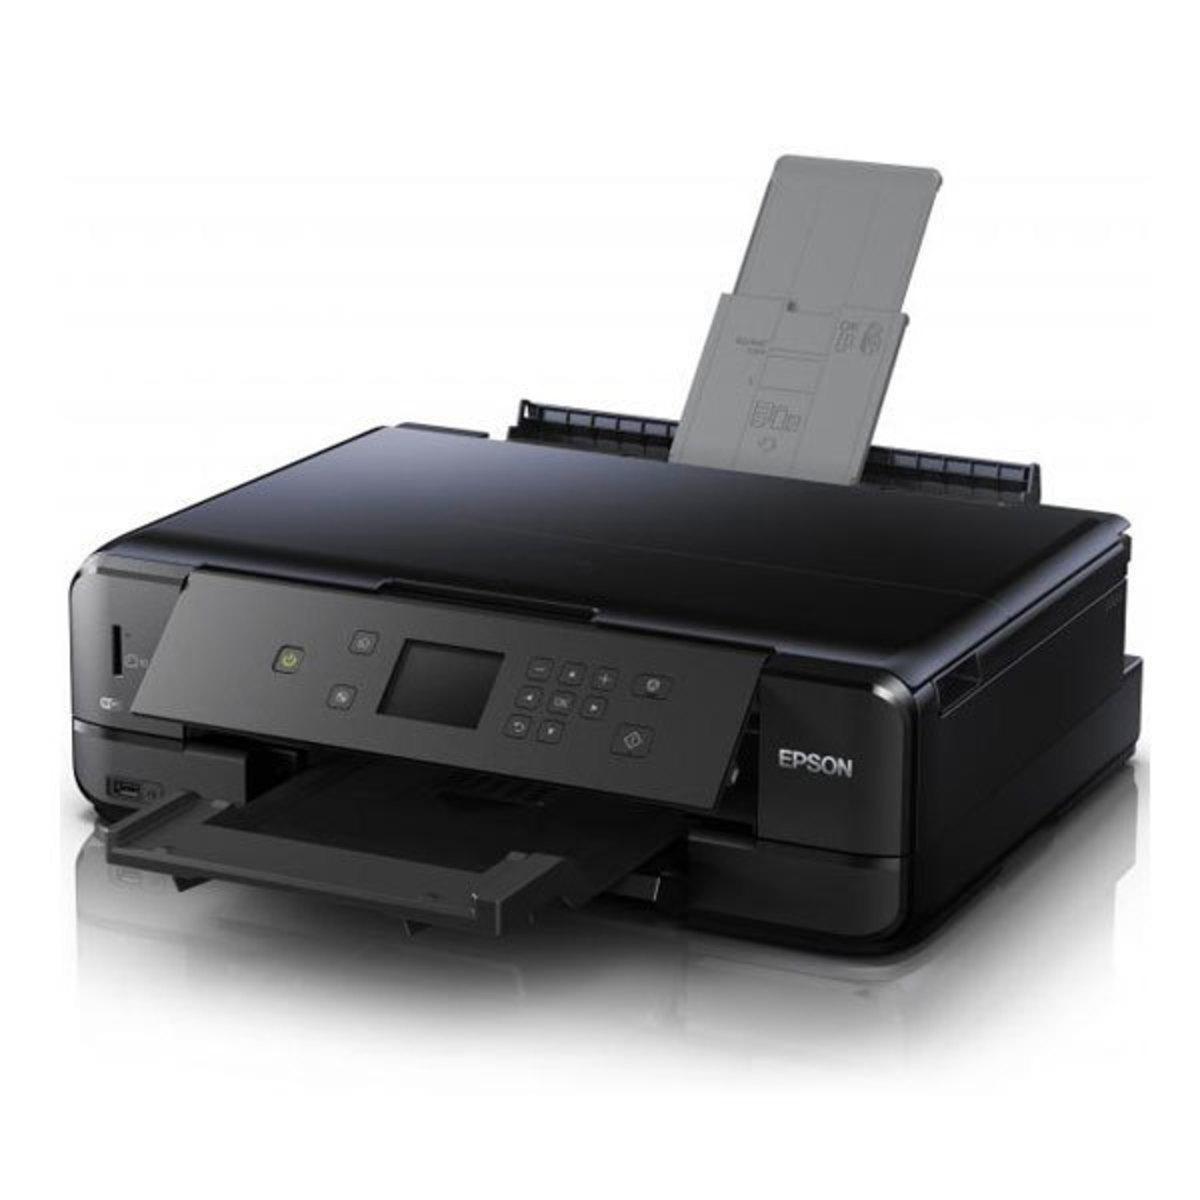 Bild 1 von EPSON Expression Premium XP-900, 3-in-1, Wlan, Duplex, schwarz